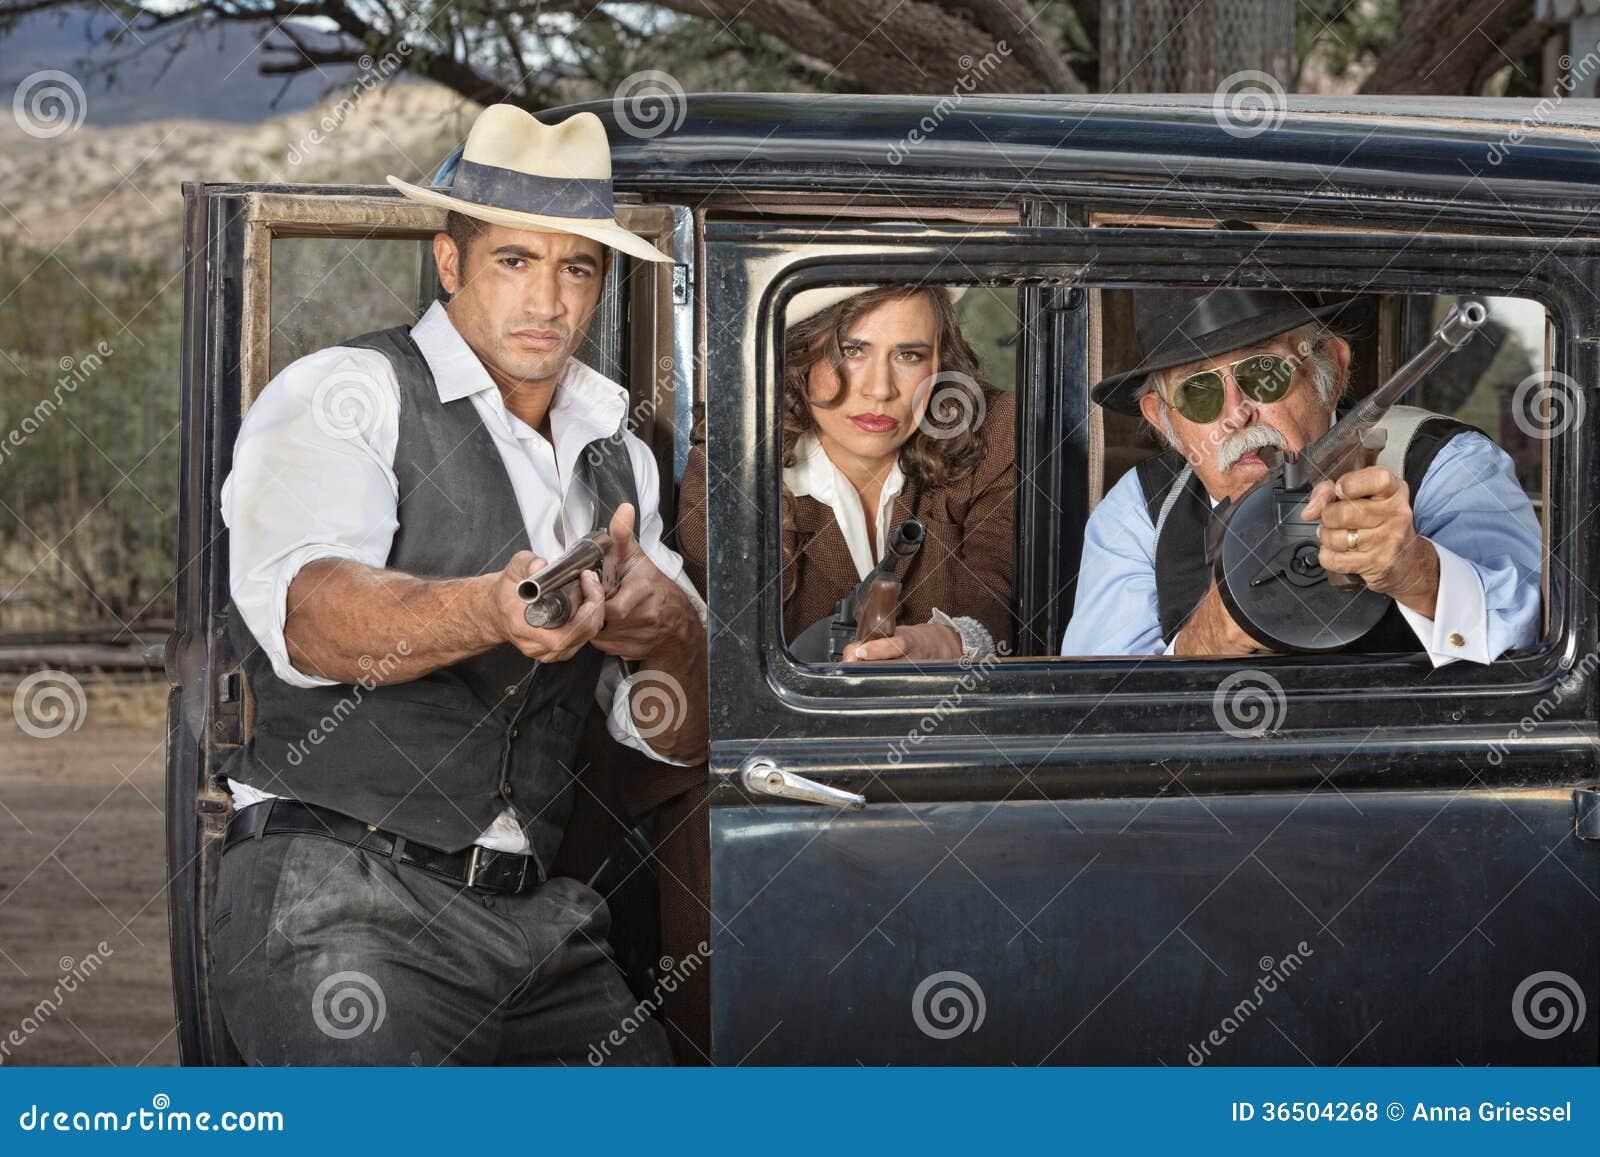 Bandits des années 1920 visant des armes